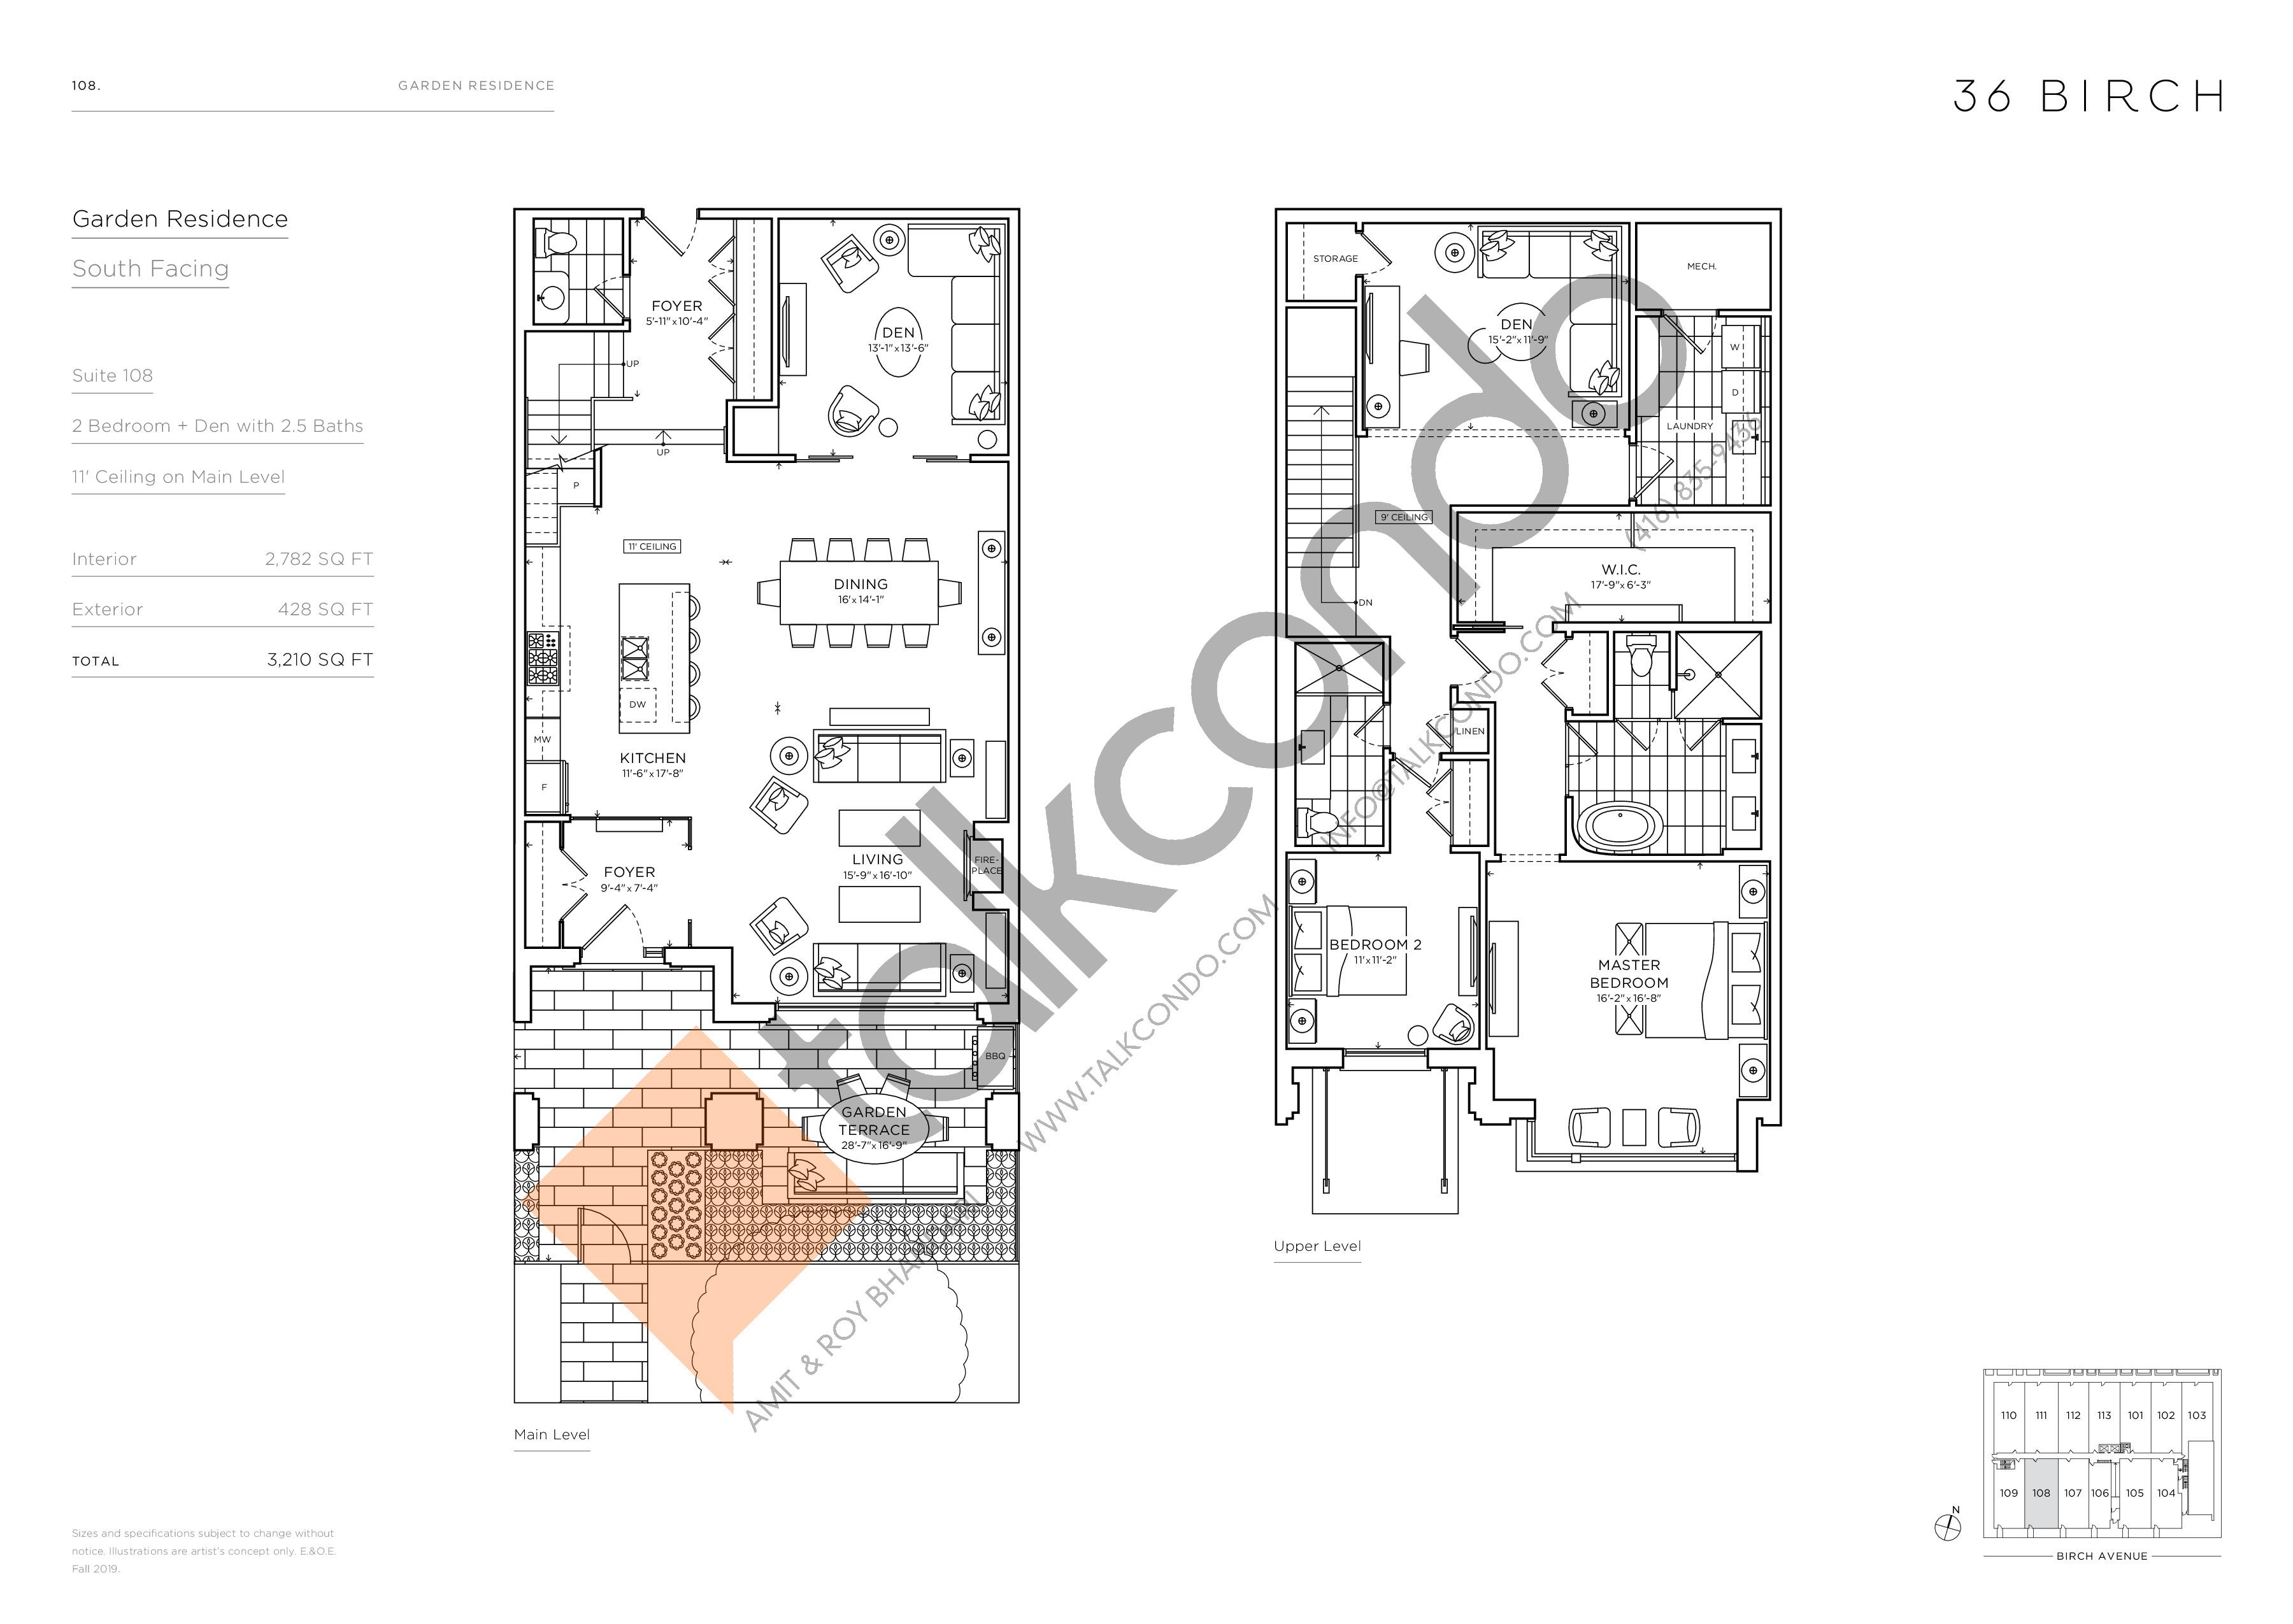 108 - Garden Residences Floor Plan at 36 Birch Condos - 2782 sq.ft